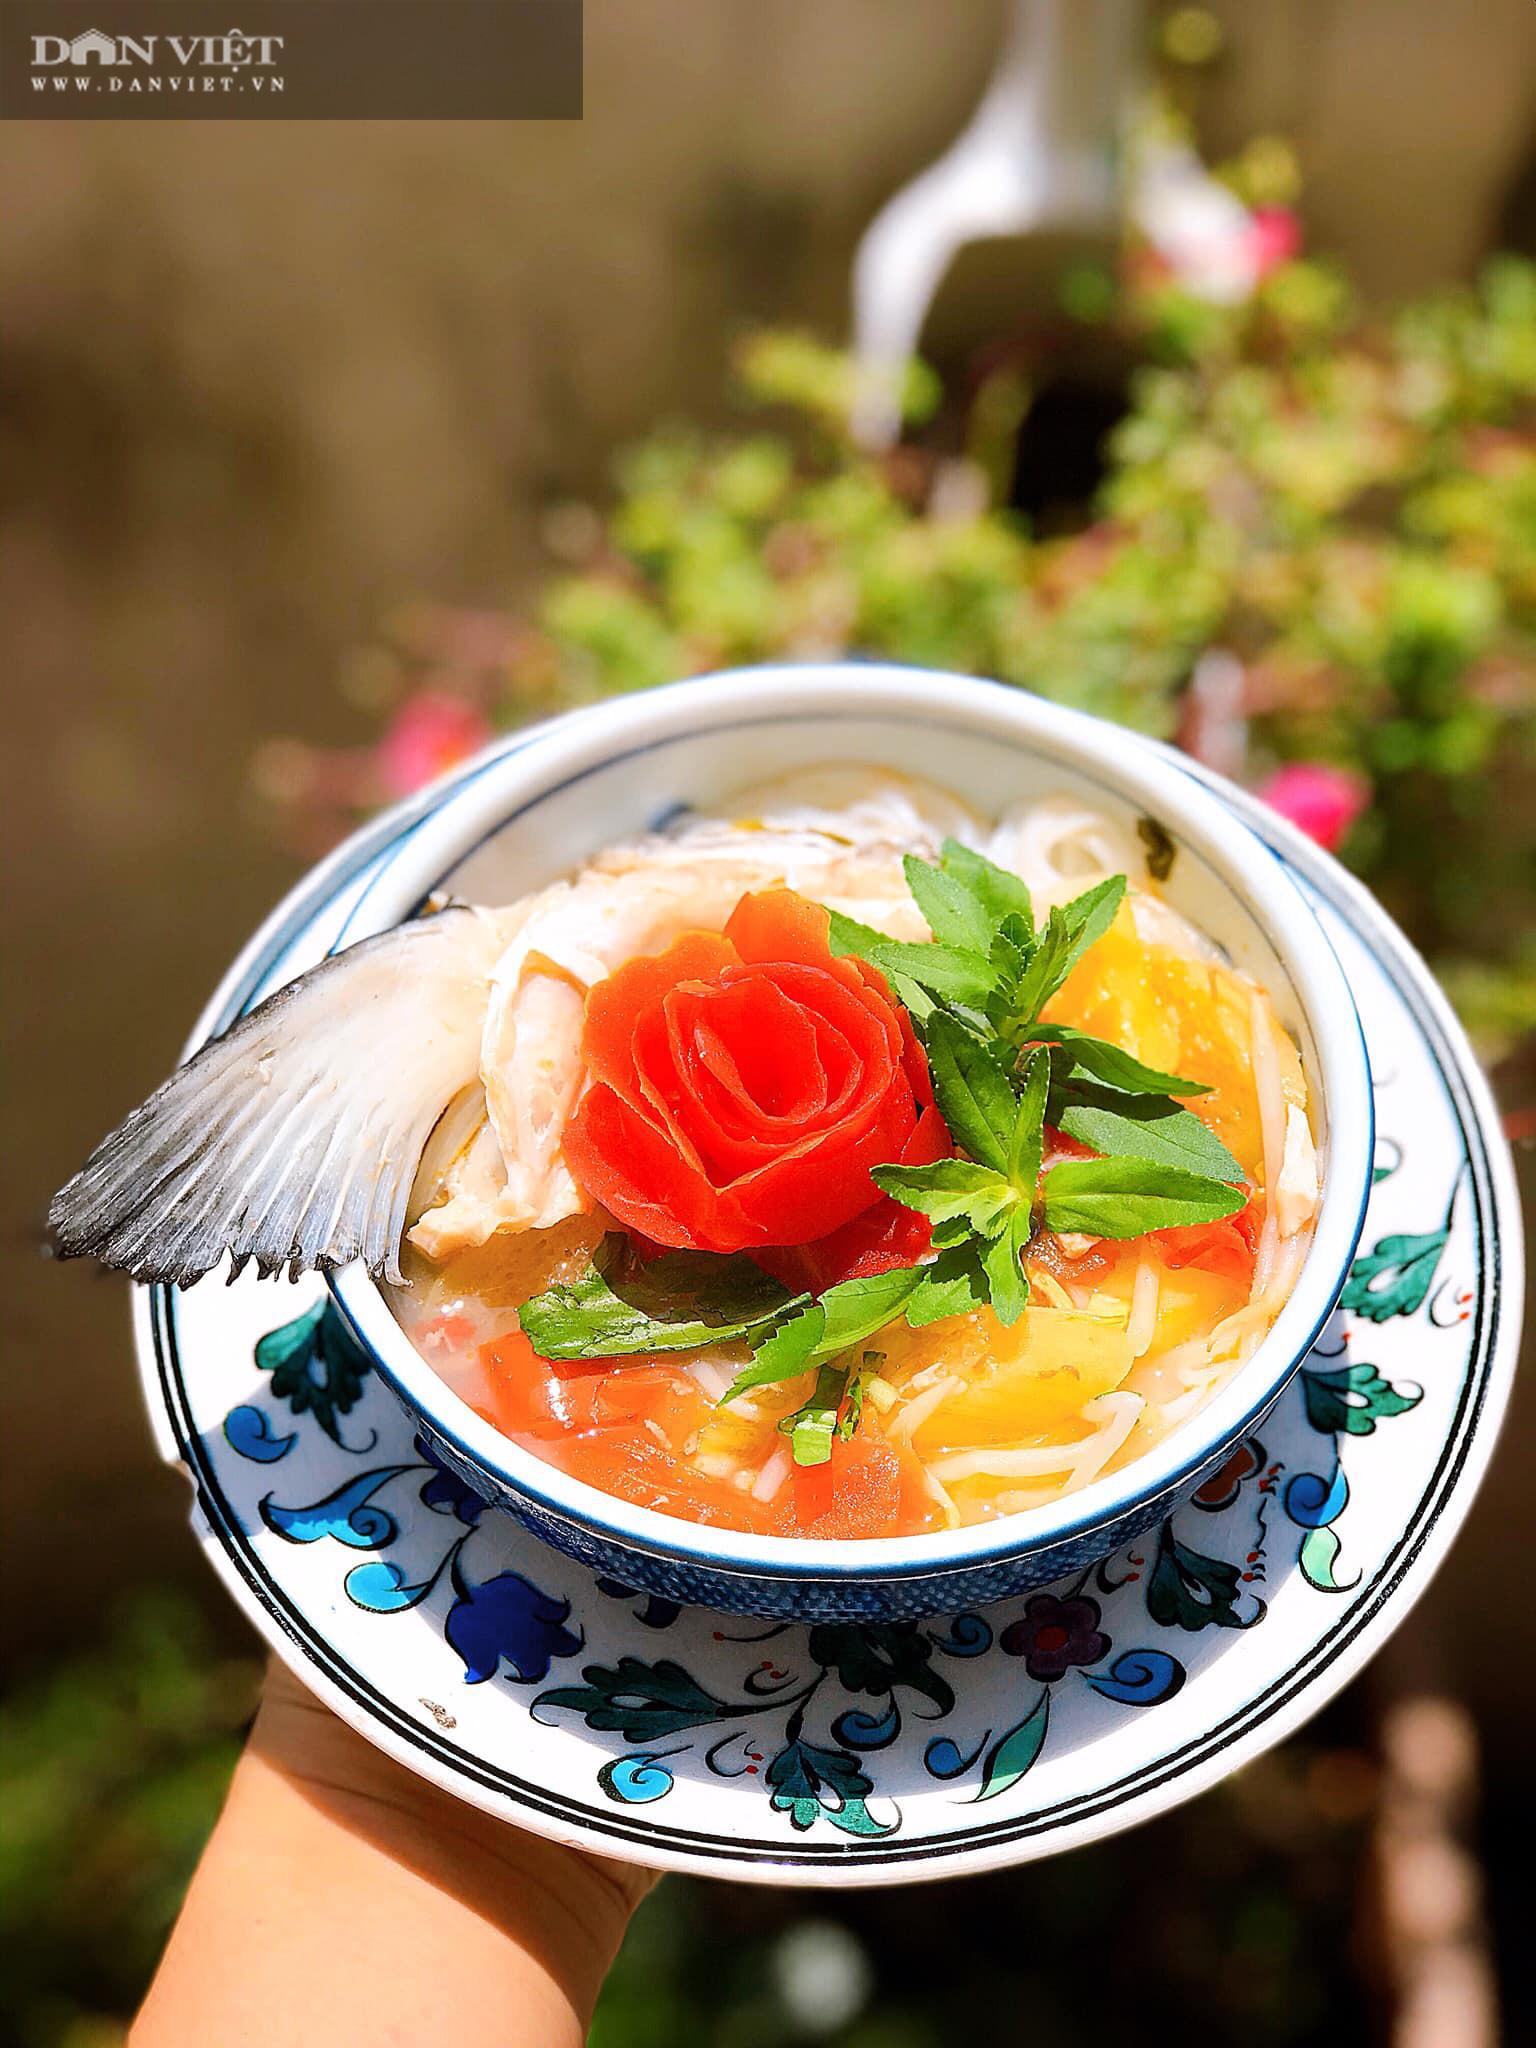 Bún chua đầu cá hồi đổi vị thanh mát ngày hè - Ảnh 1.